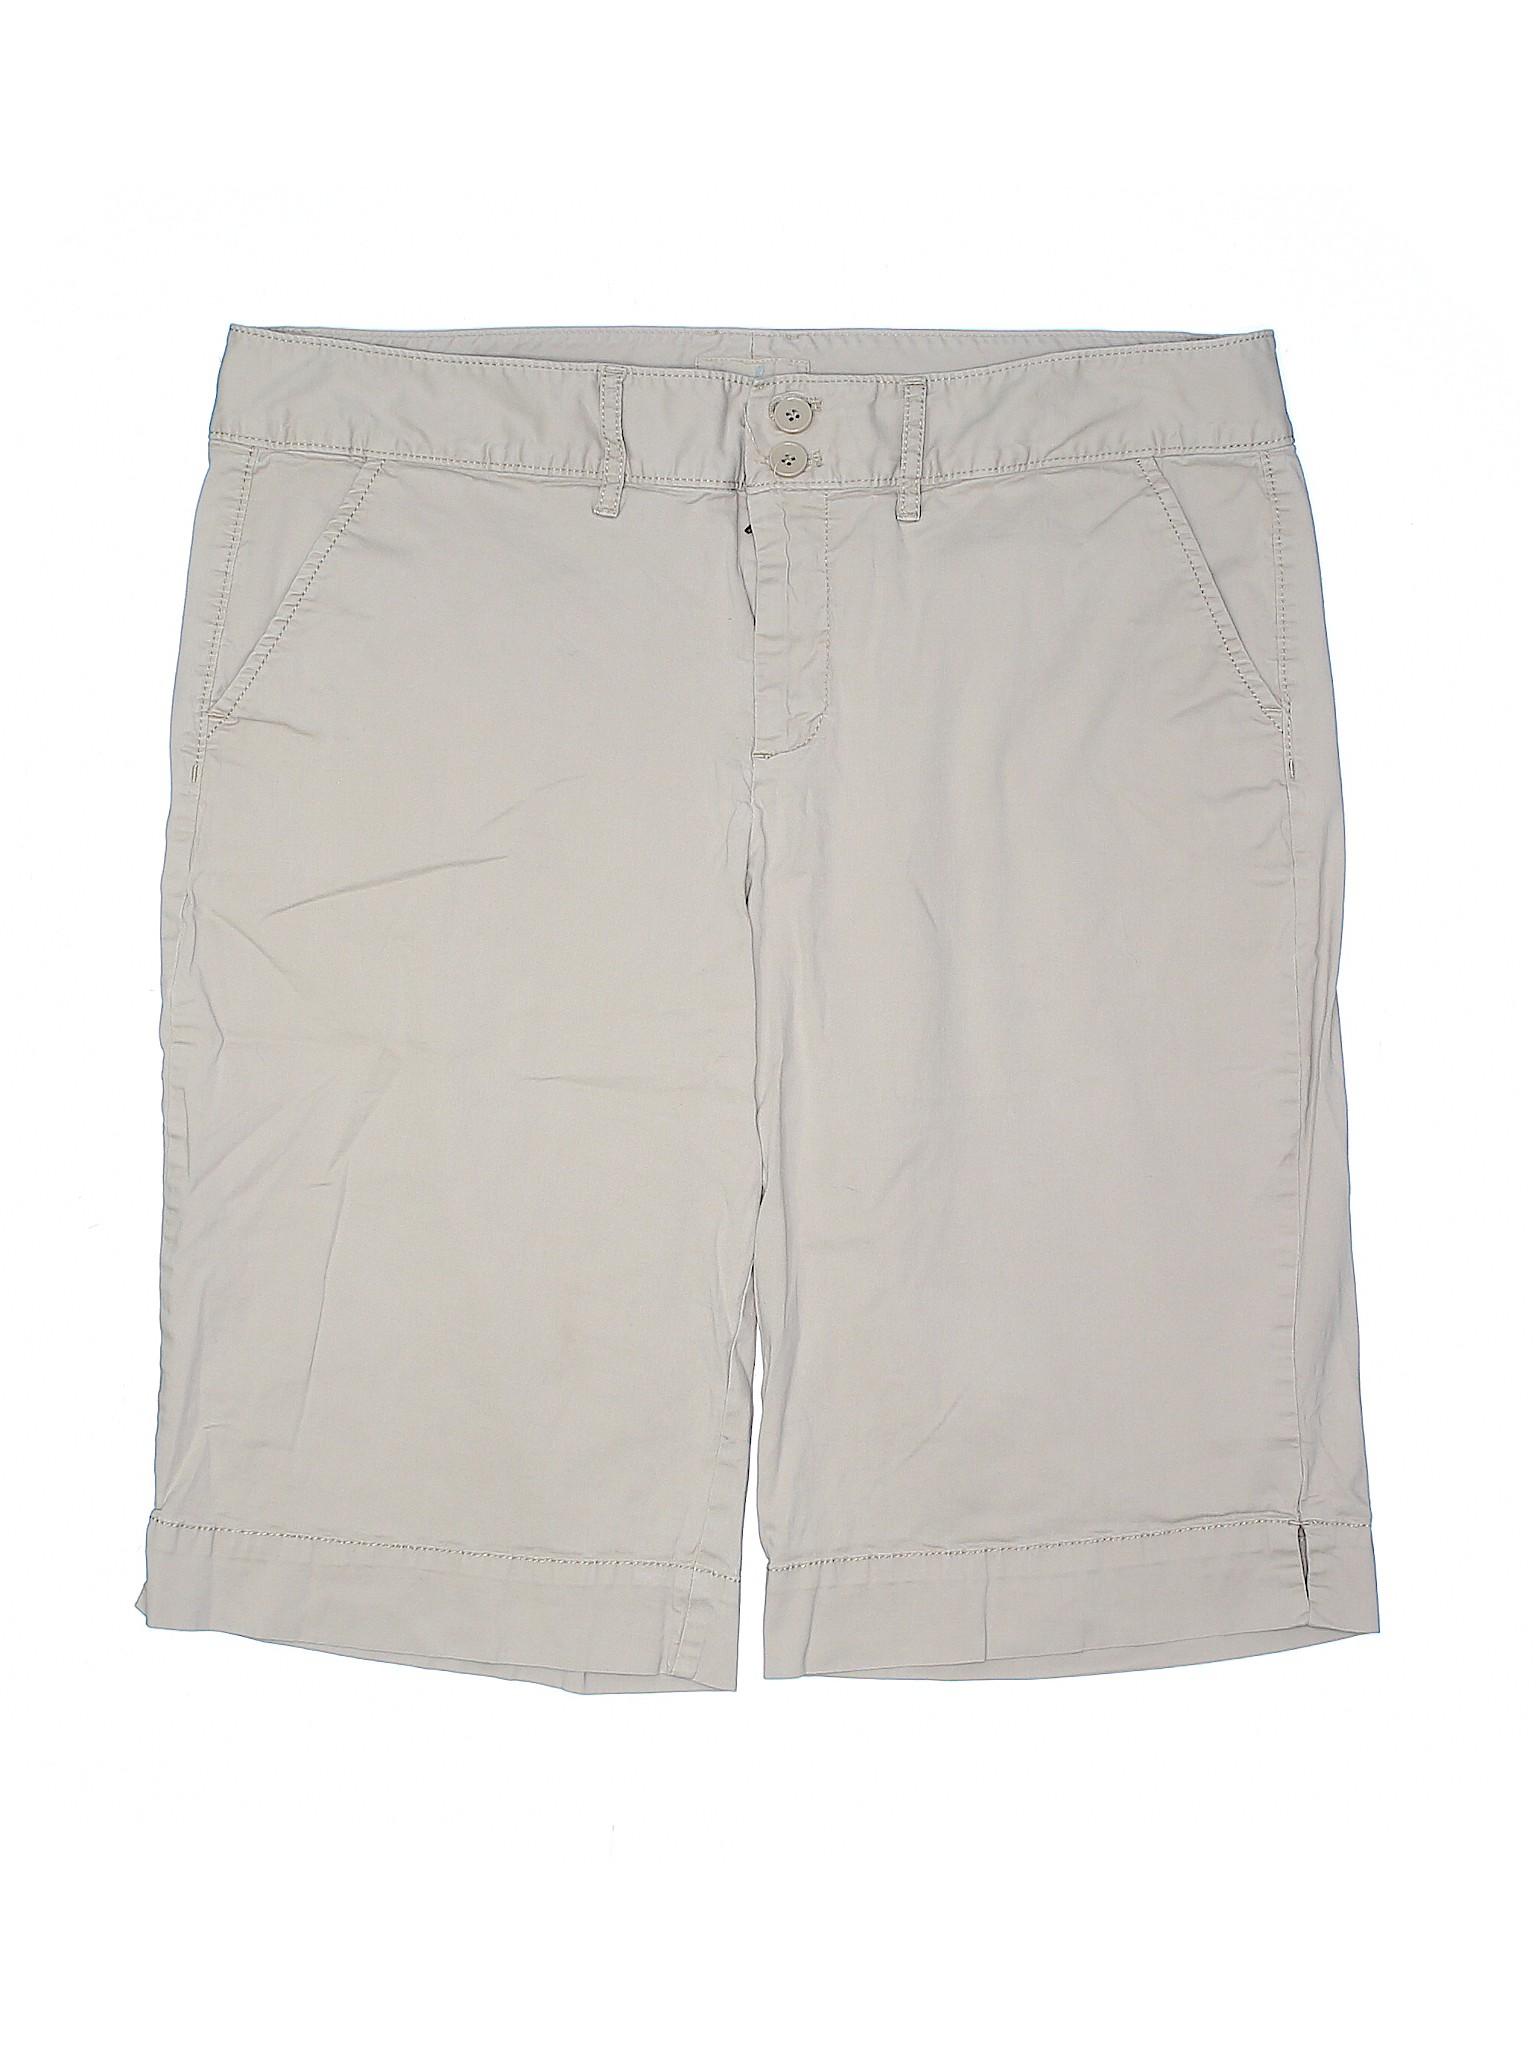 Shorts Shorts Boutique Shorts Caslon Boutique Caslon Caslon Boutique Khaki Khaki Khaki Boutique gq6wPx44